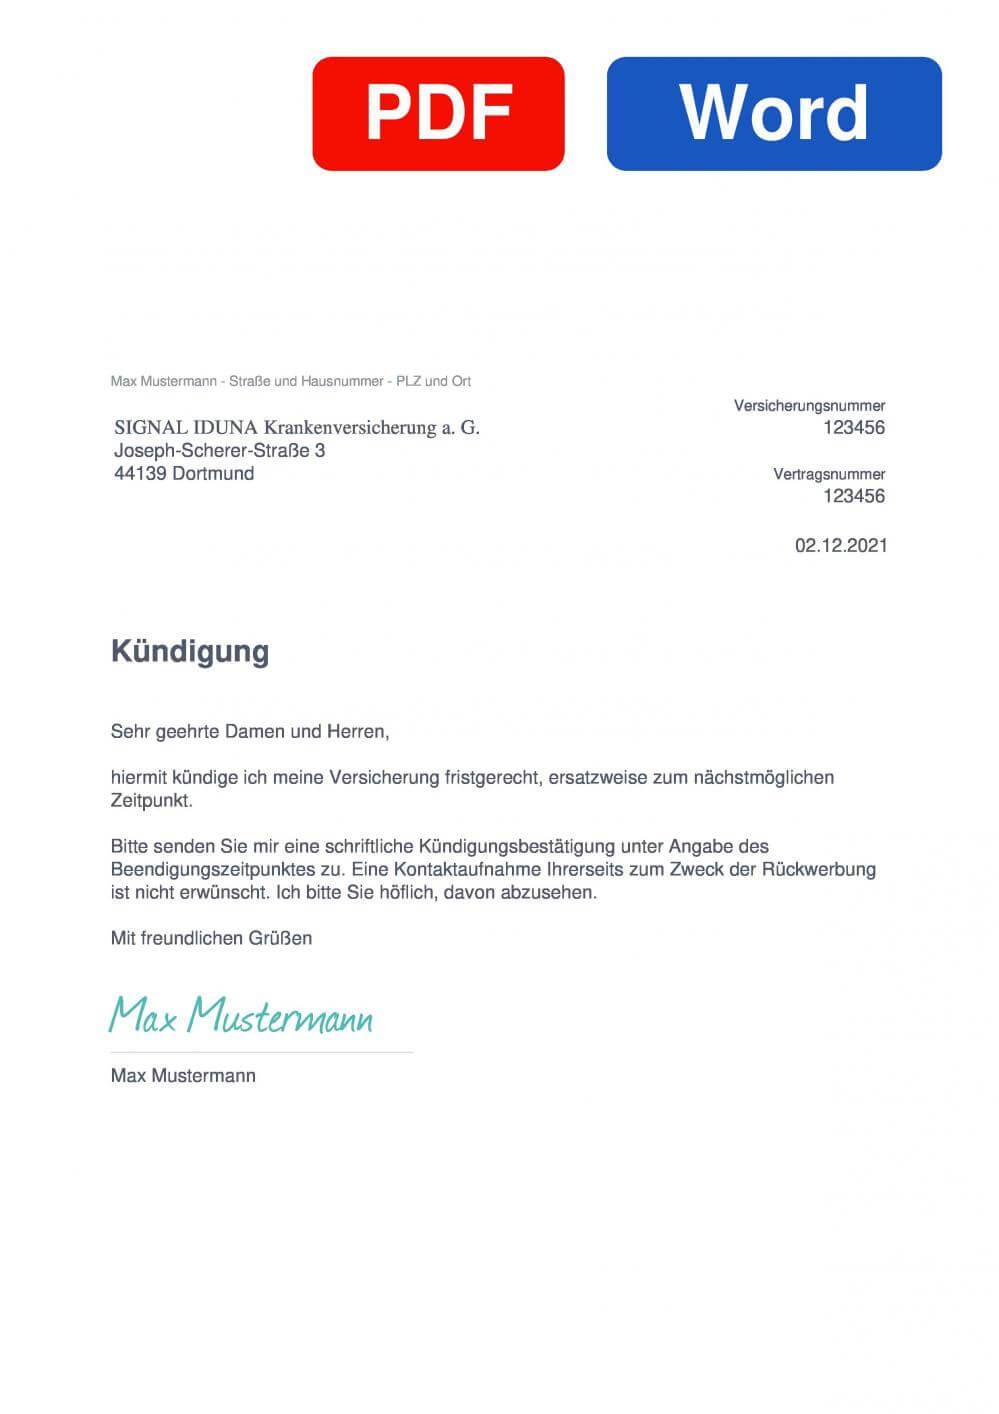 SIGNAL IDUNA Auslandskrankenversicherung Muster Vorlage für Kündigungsschreiben